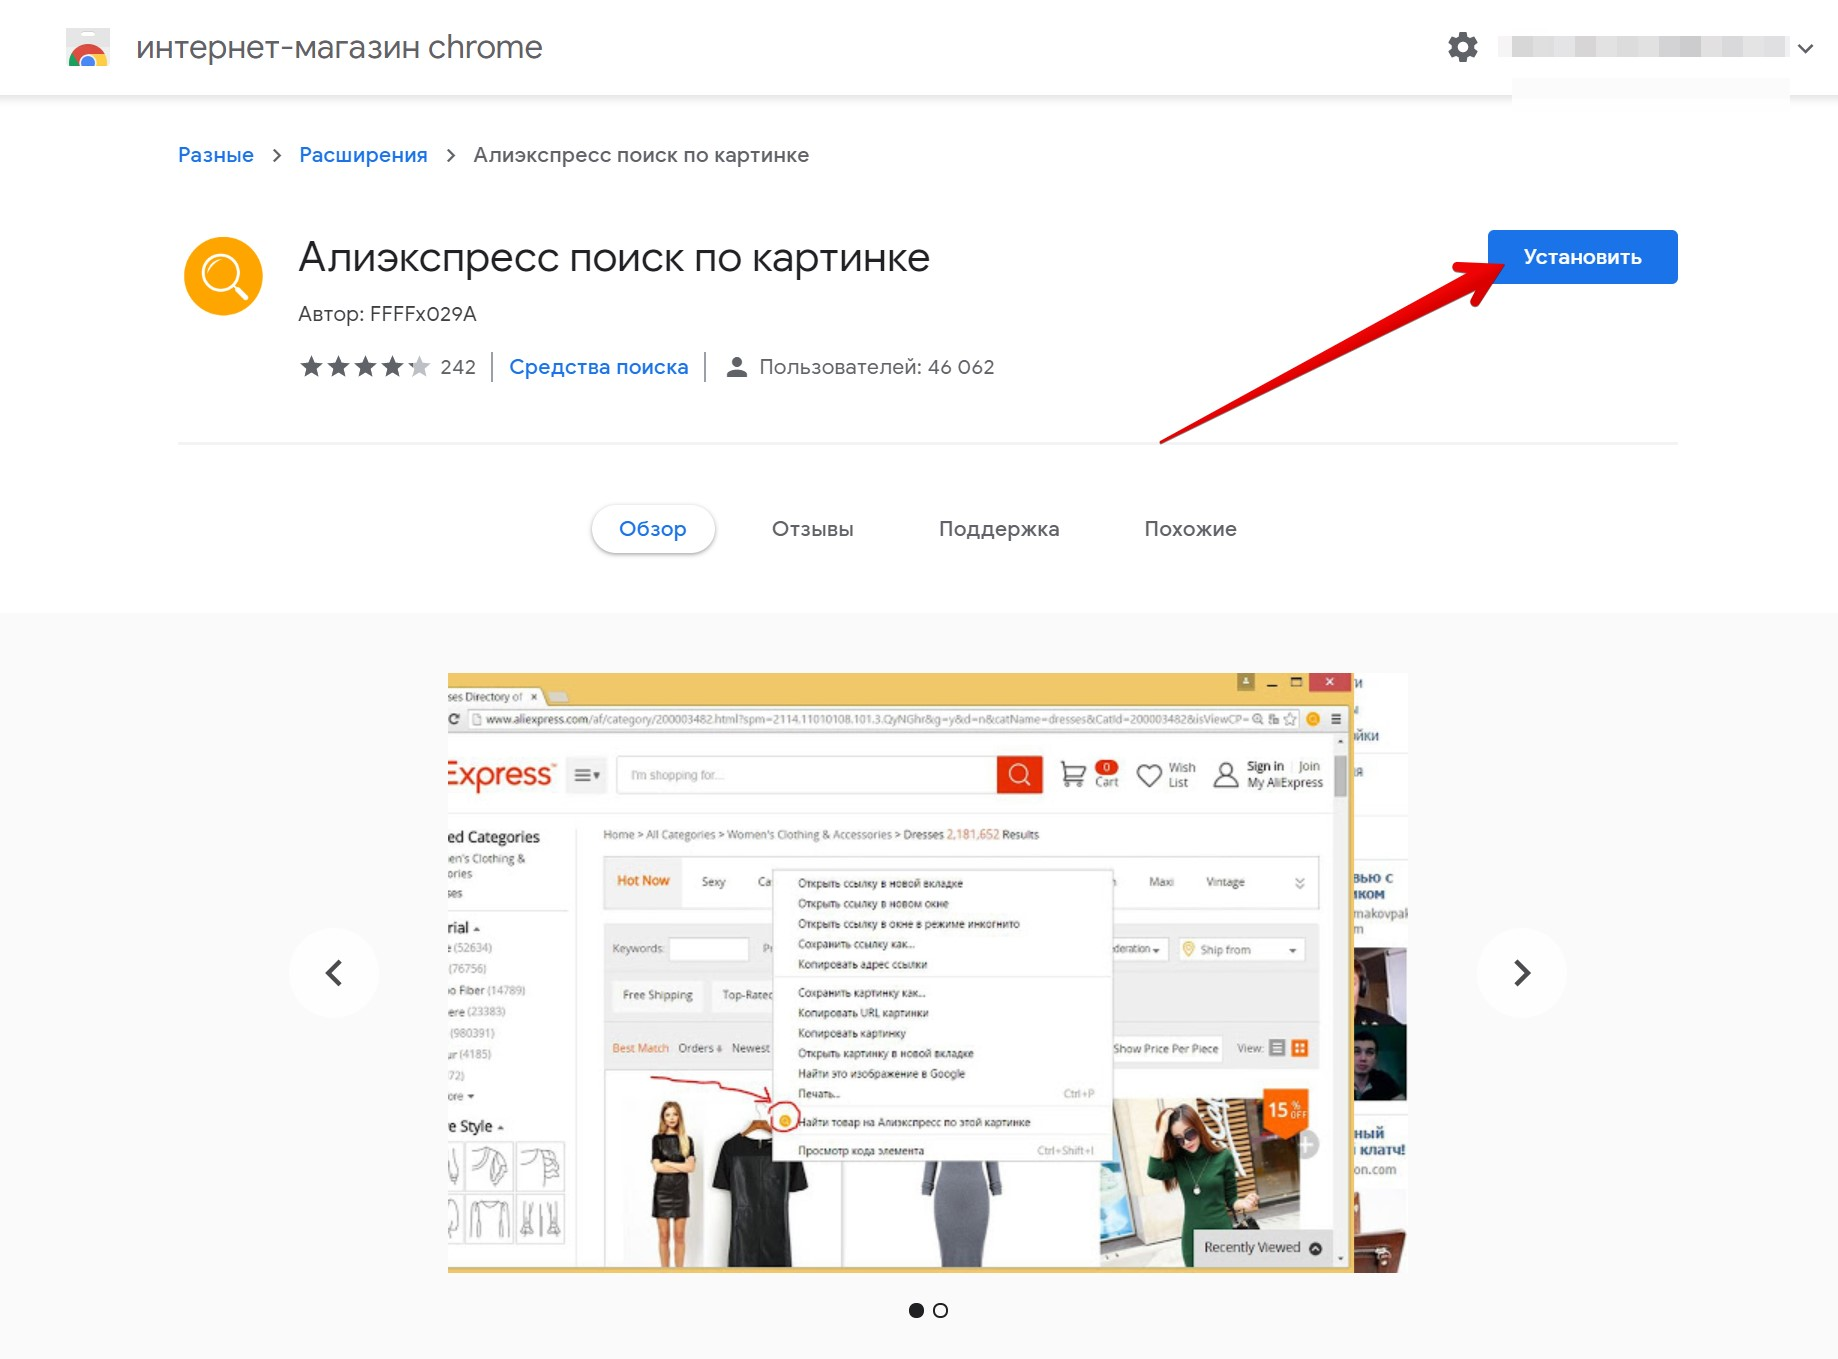 Найти бренды на aliexpress можно через специальное расширение для браузера